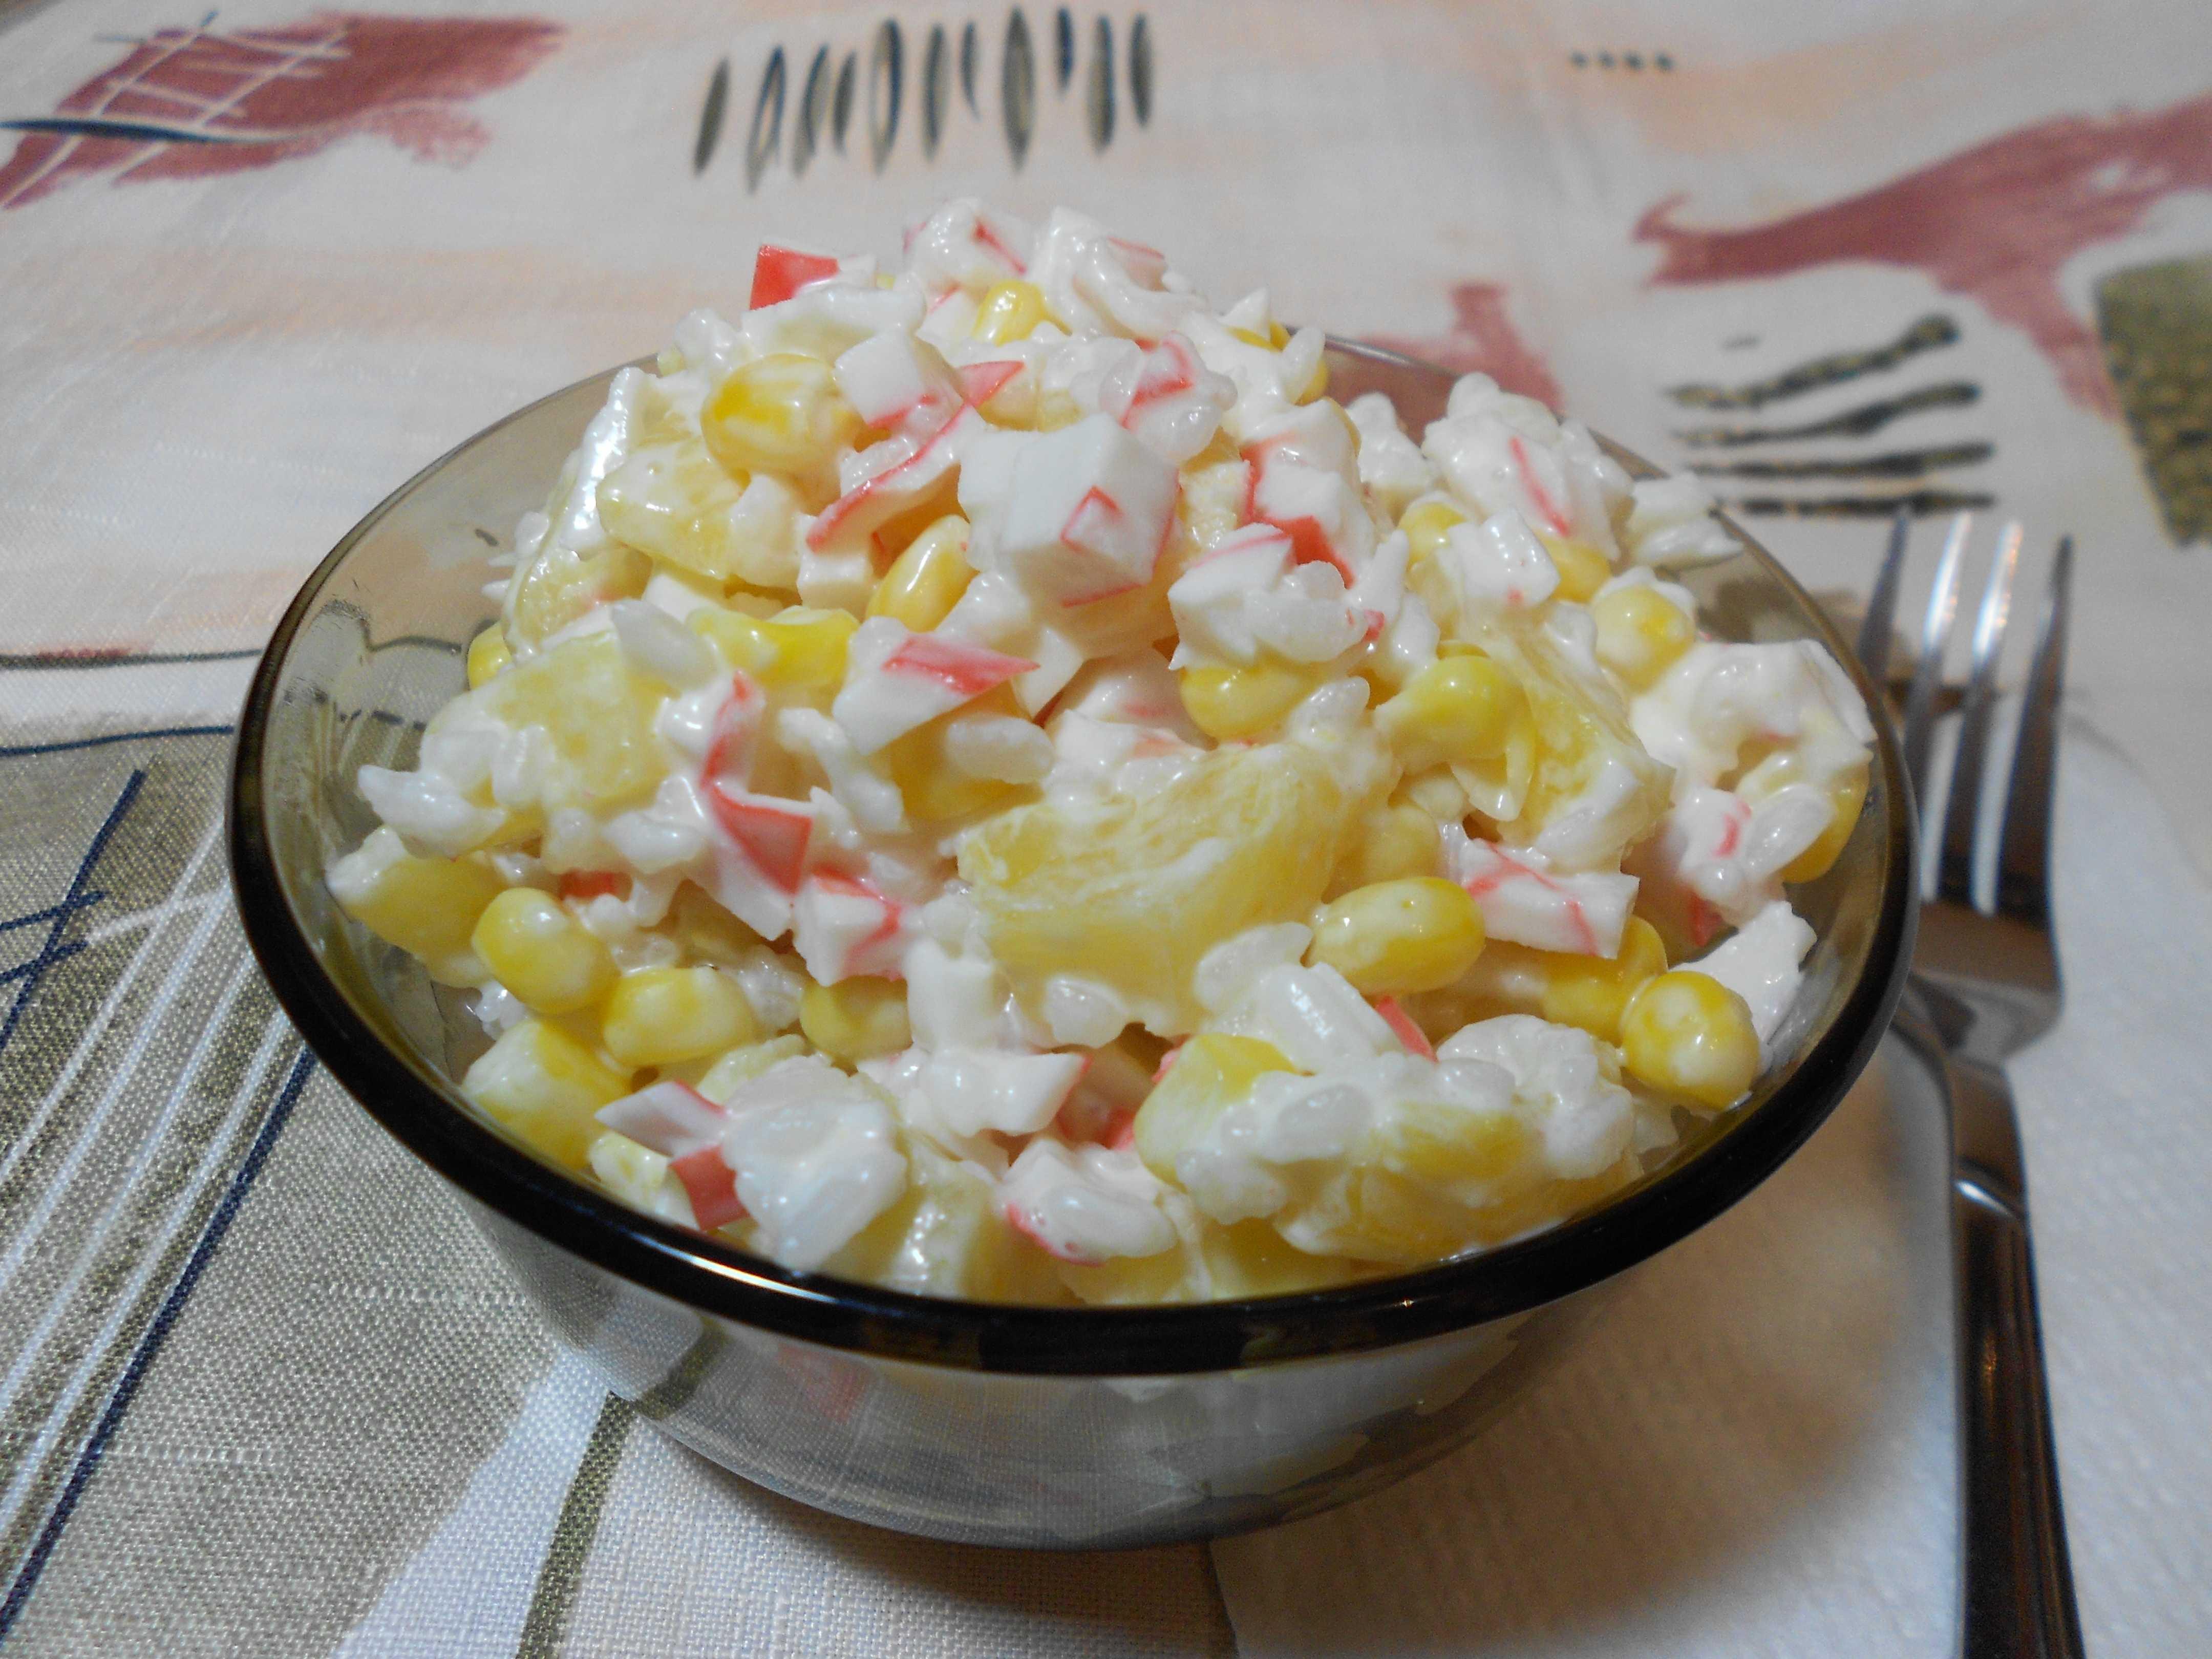 Рецепты салата с ананасами и крабовыми палочками: топ 10 крабовых салатиков с фото и видео